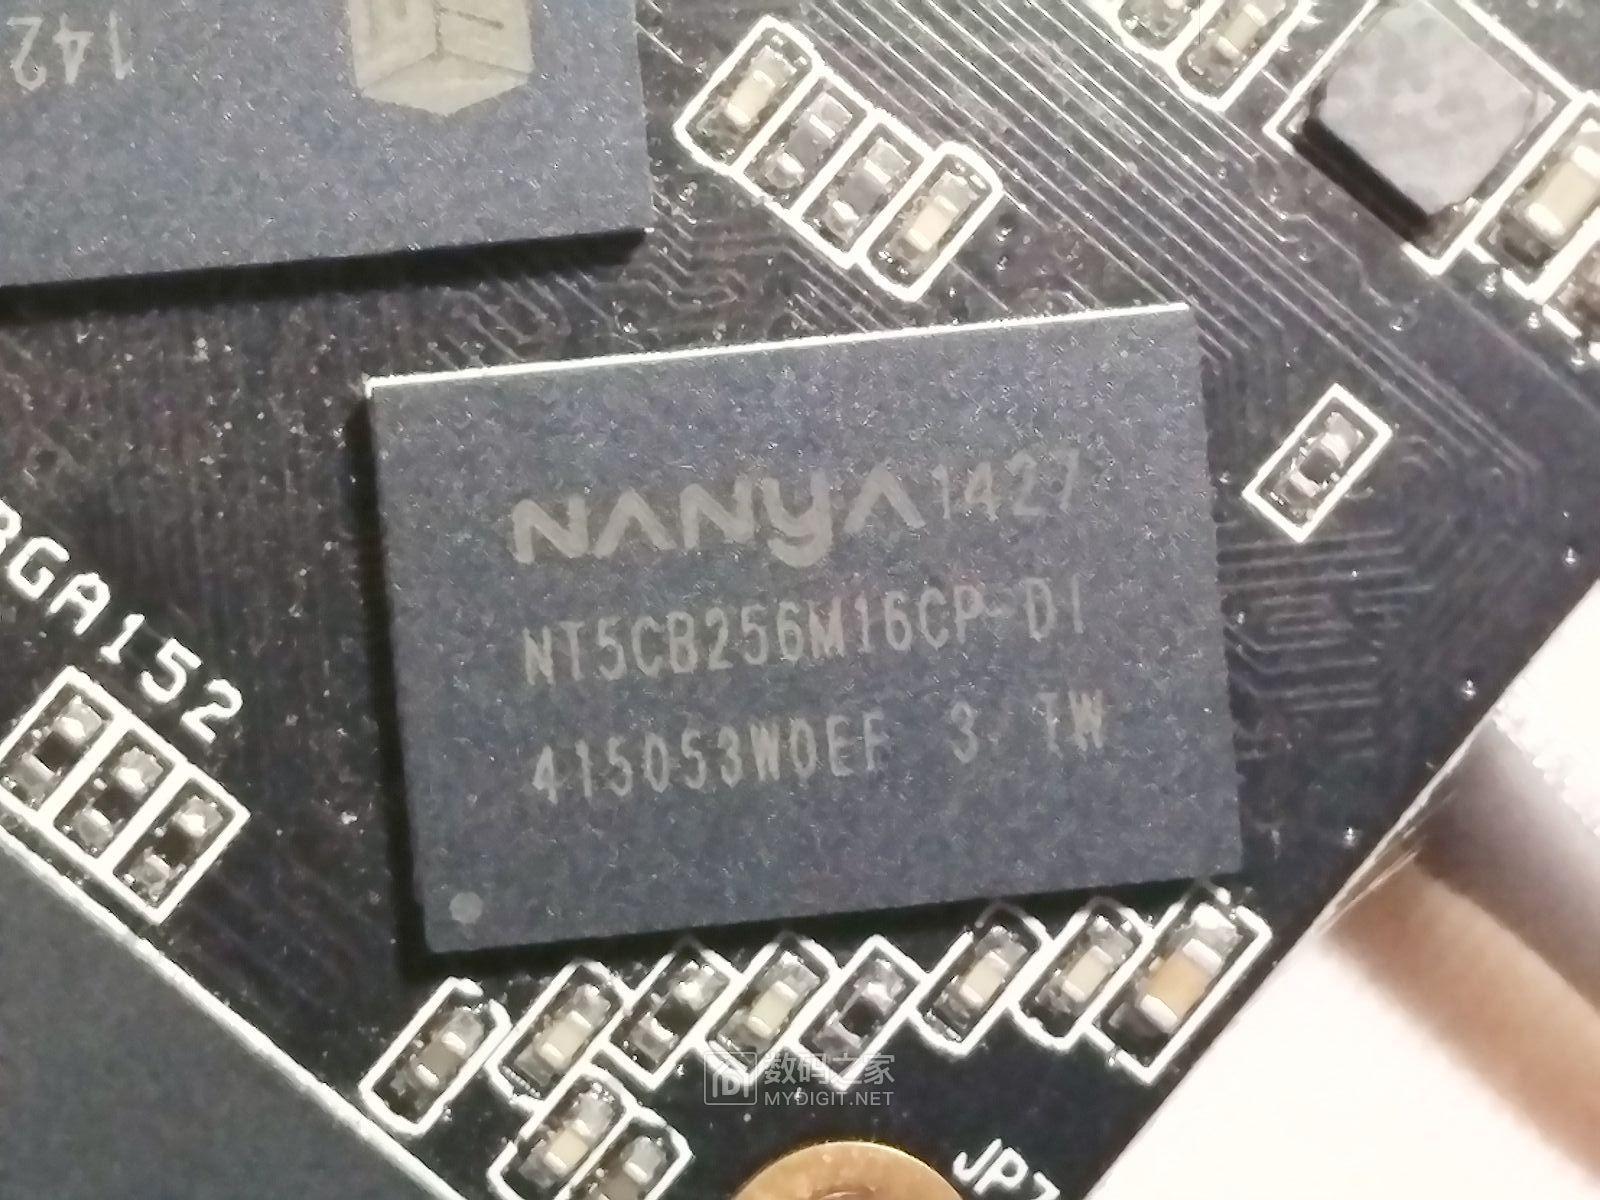 裸一个256G的云储 M746固态硬盘